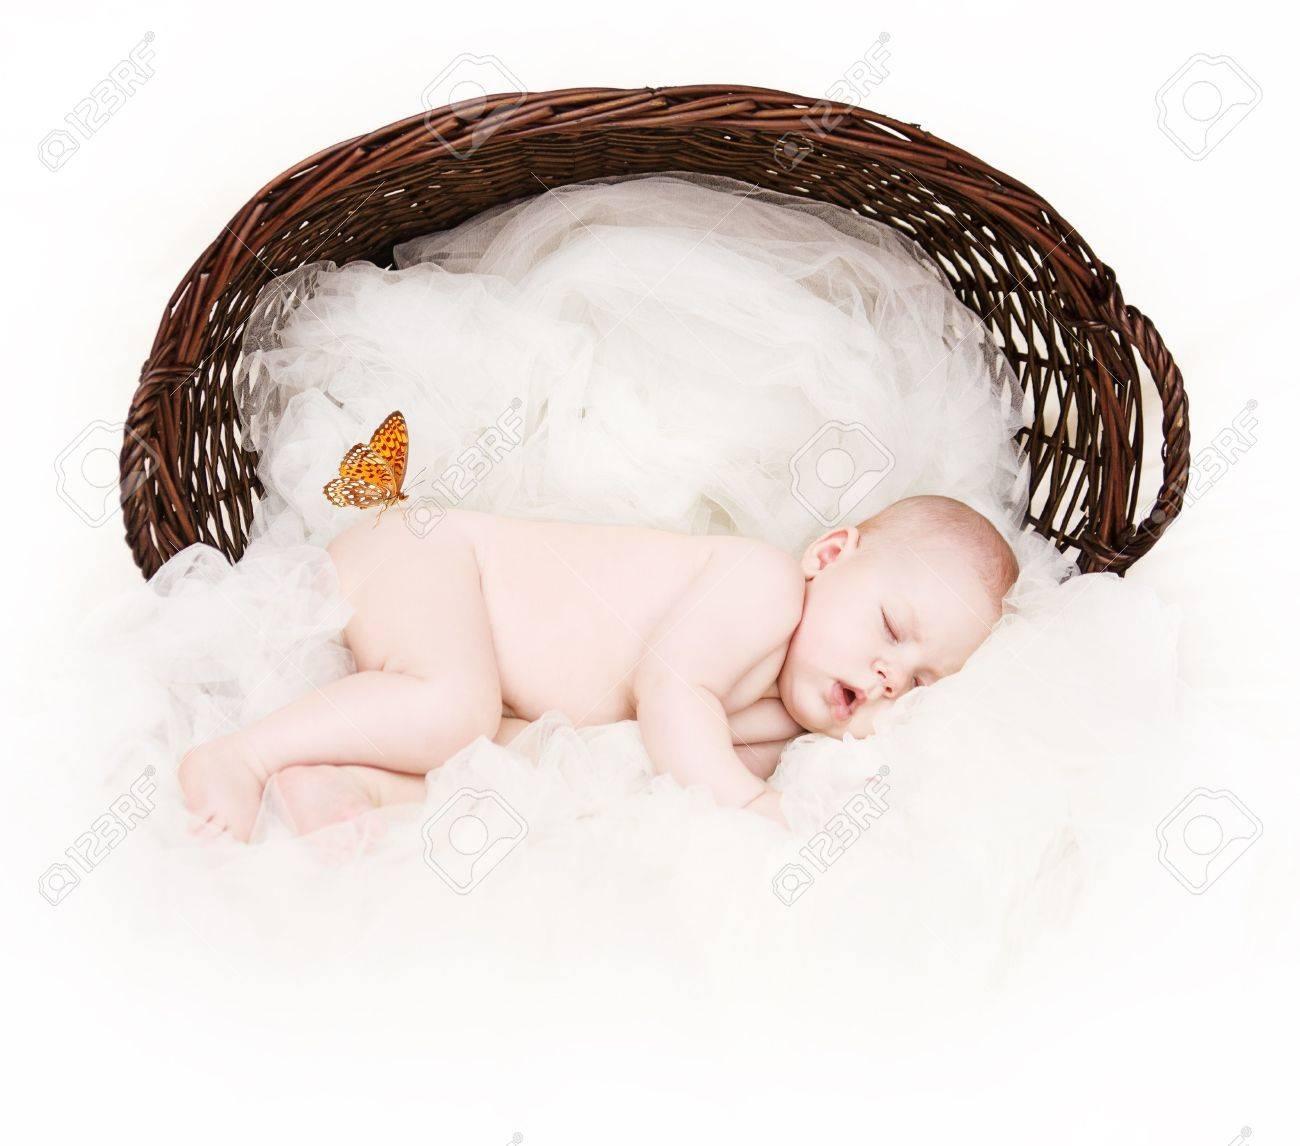 Canasta De Recien Nacido.Recien Nacido Bebe Durmiendo Dentro De La Canasta De Mimbre Sobre Pano Blanco Como Fondo Mariposa Naranja Sentado En La Cadera Sobre Blanco